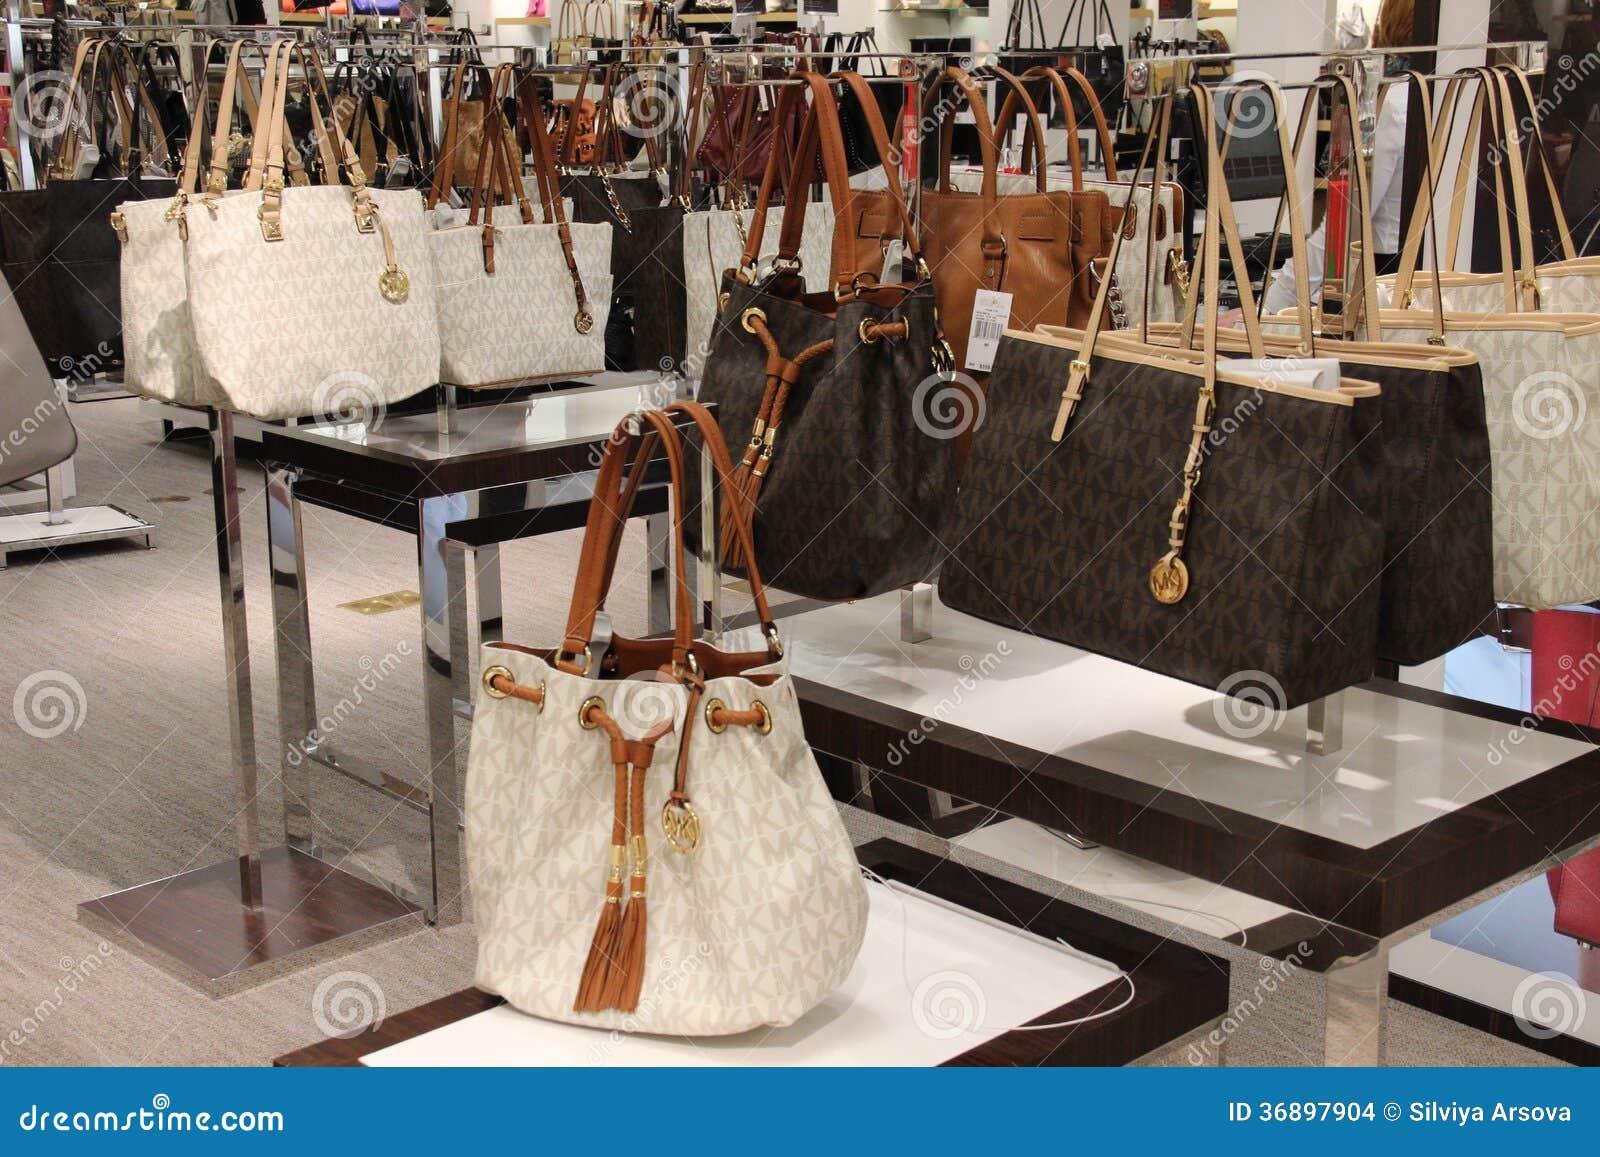 Michael Kors Handbag Fashion Store